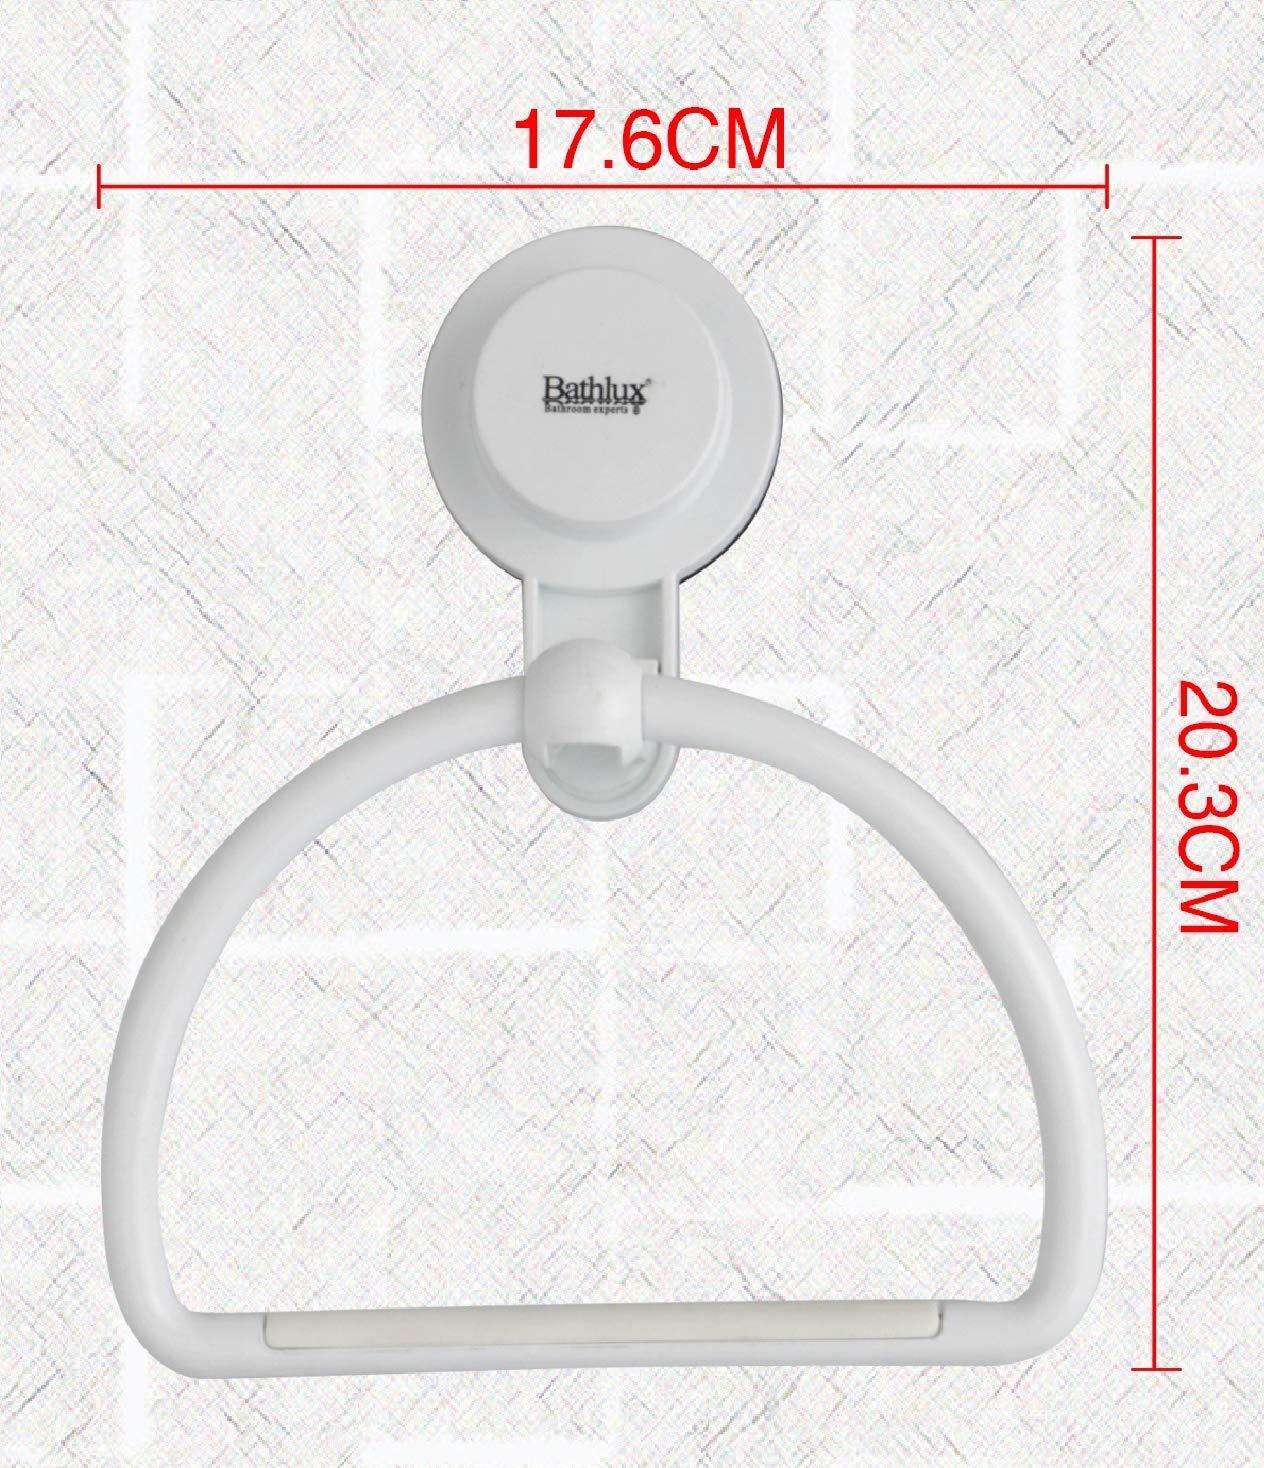 Estanteria de toalla toallero manos ba/ño blanco con ventosa 20,3x17,6x5,8 cm